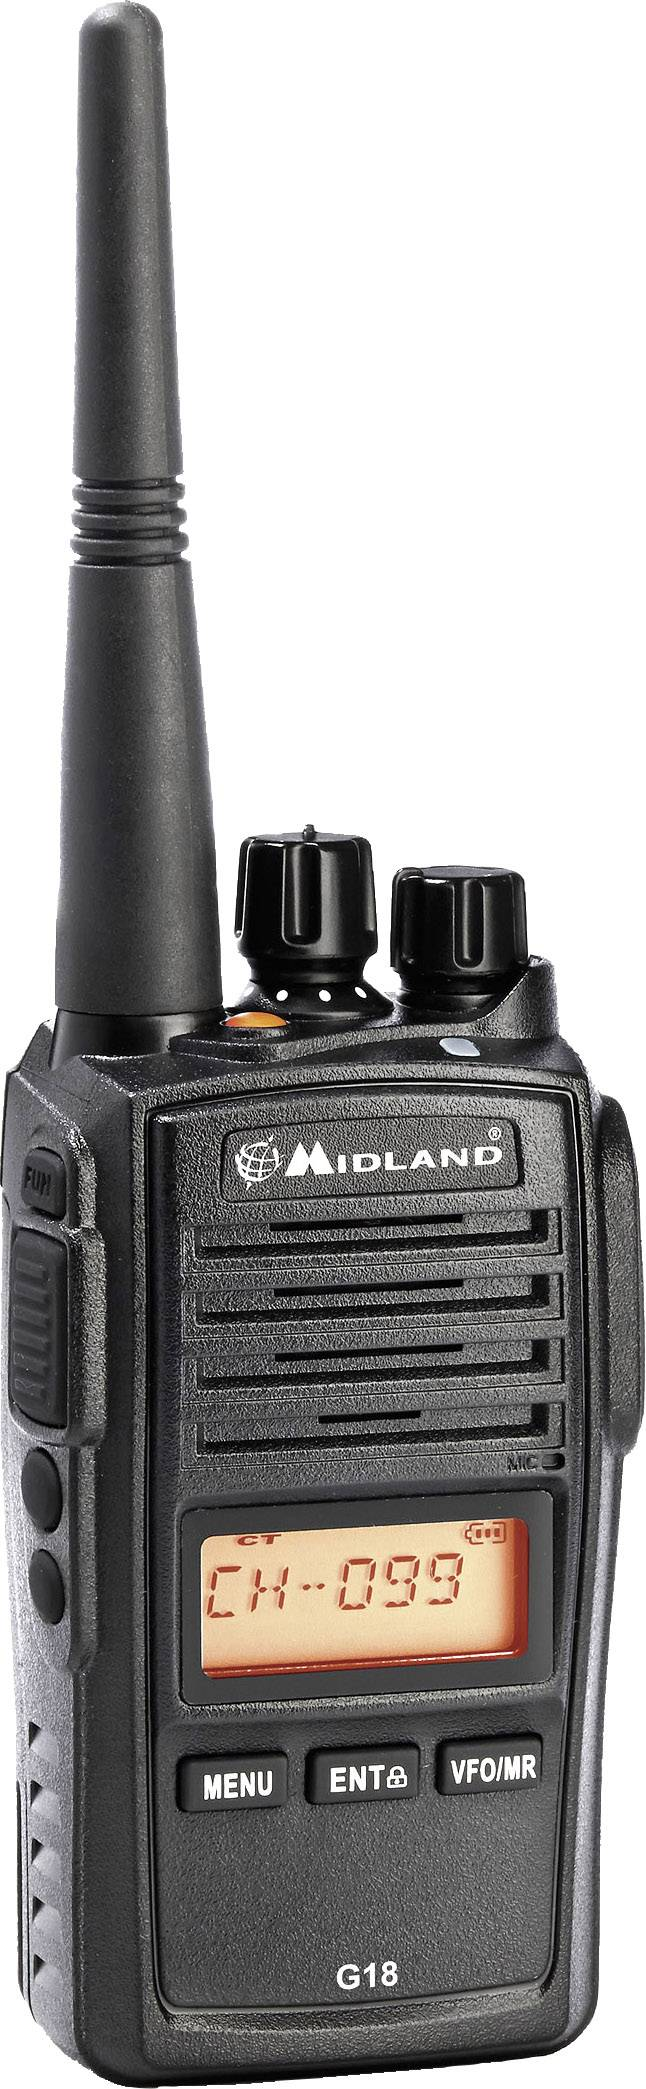 Midland G18 C1145 Radio PMR po